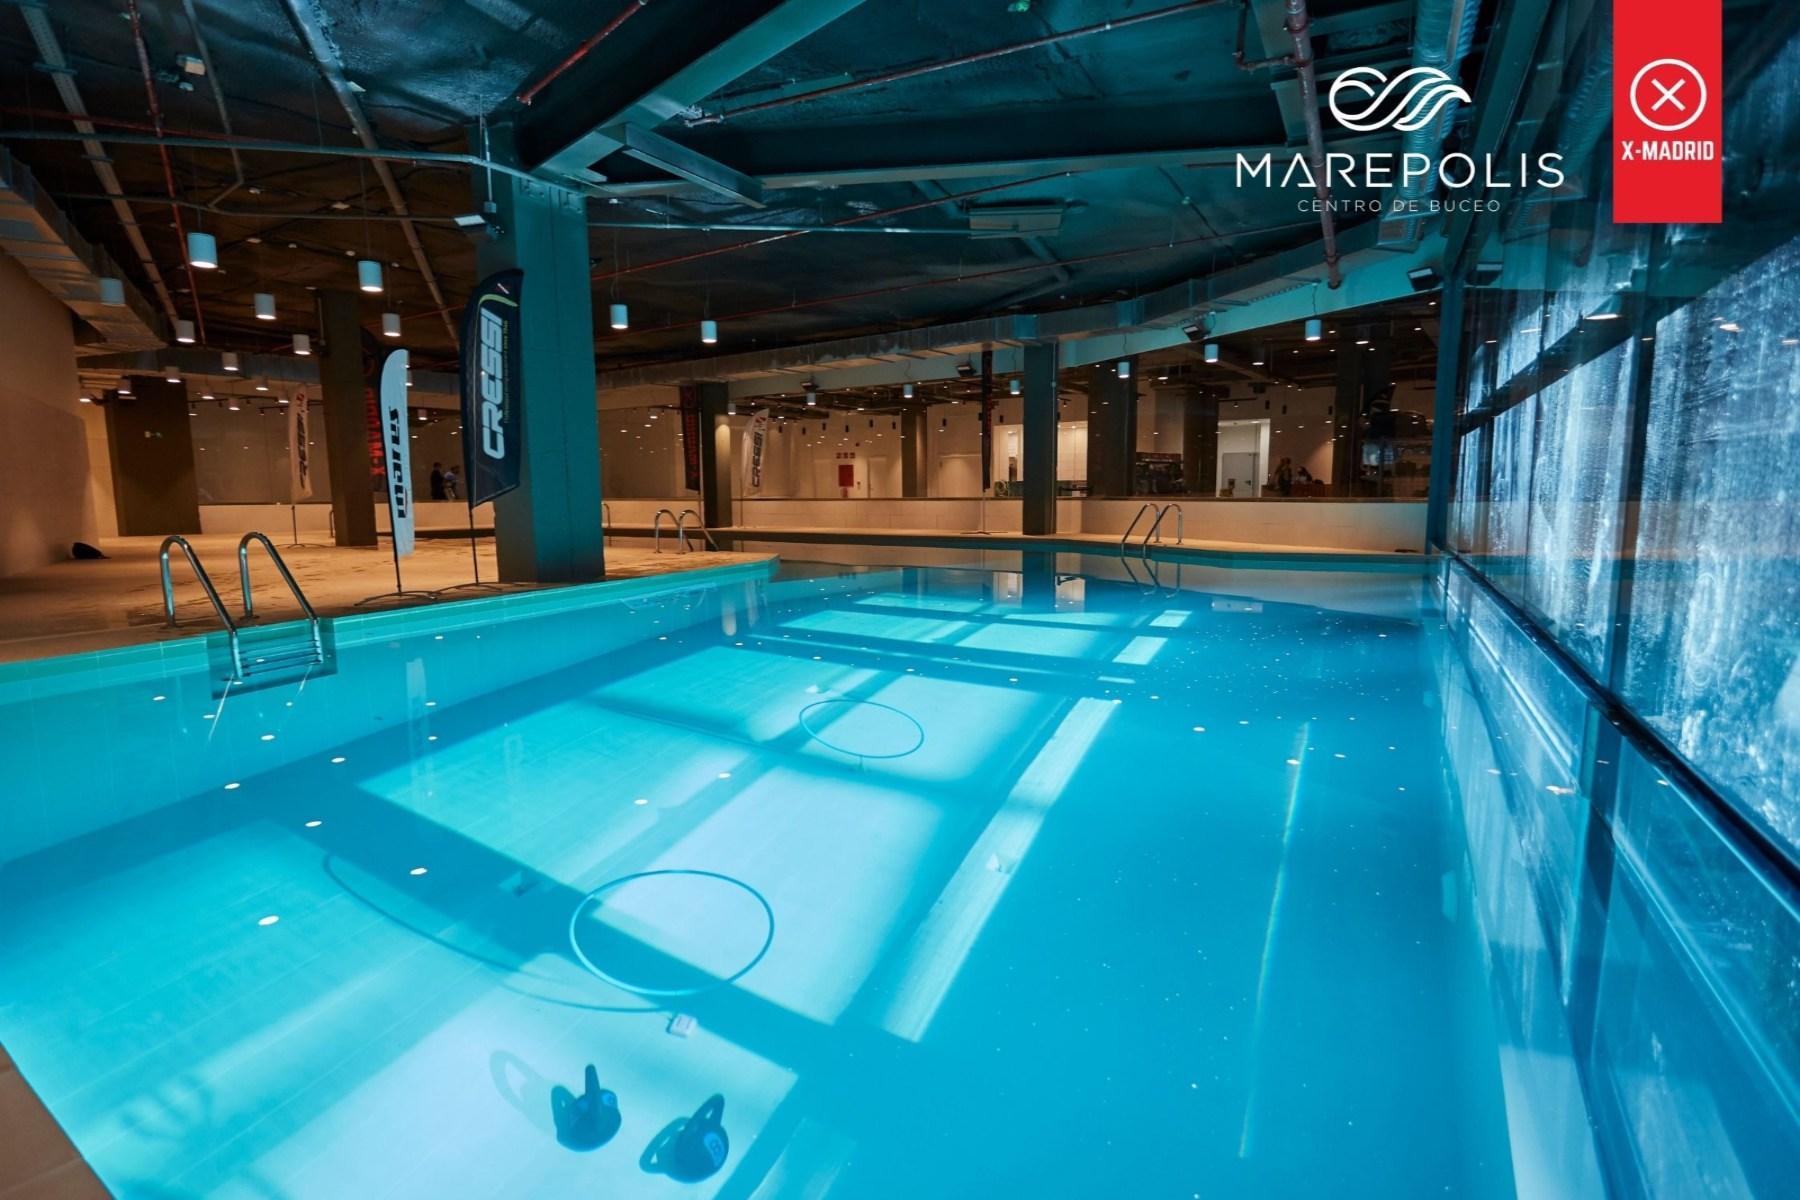 Marepolis cuenta con 2 piscinas multinivel, una de ellas única en España, con 20 metros de profundidad